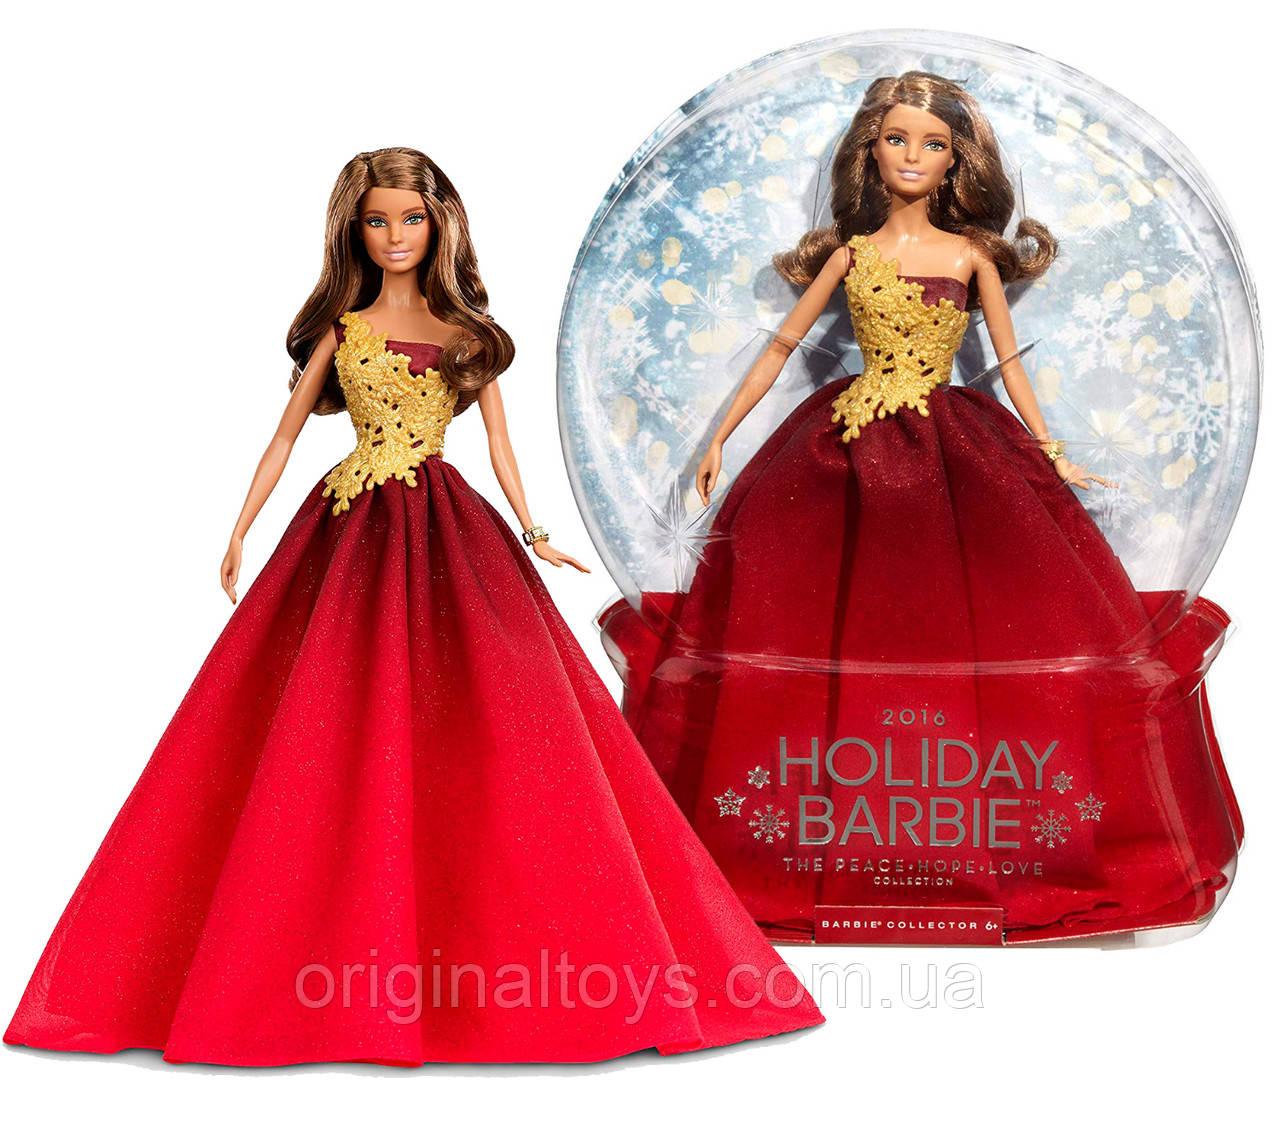 Колекційна лялька Барбі Святкова в червоному платті Barbie Holiday Red Gown 2016 DRD25